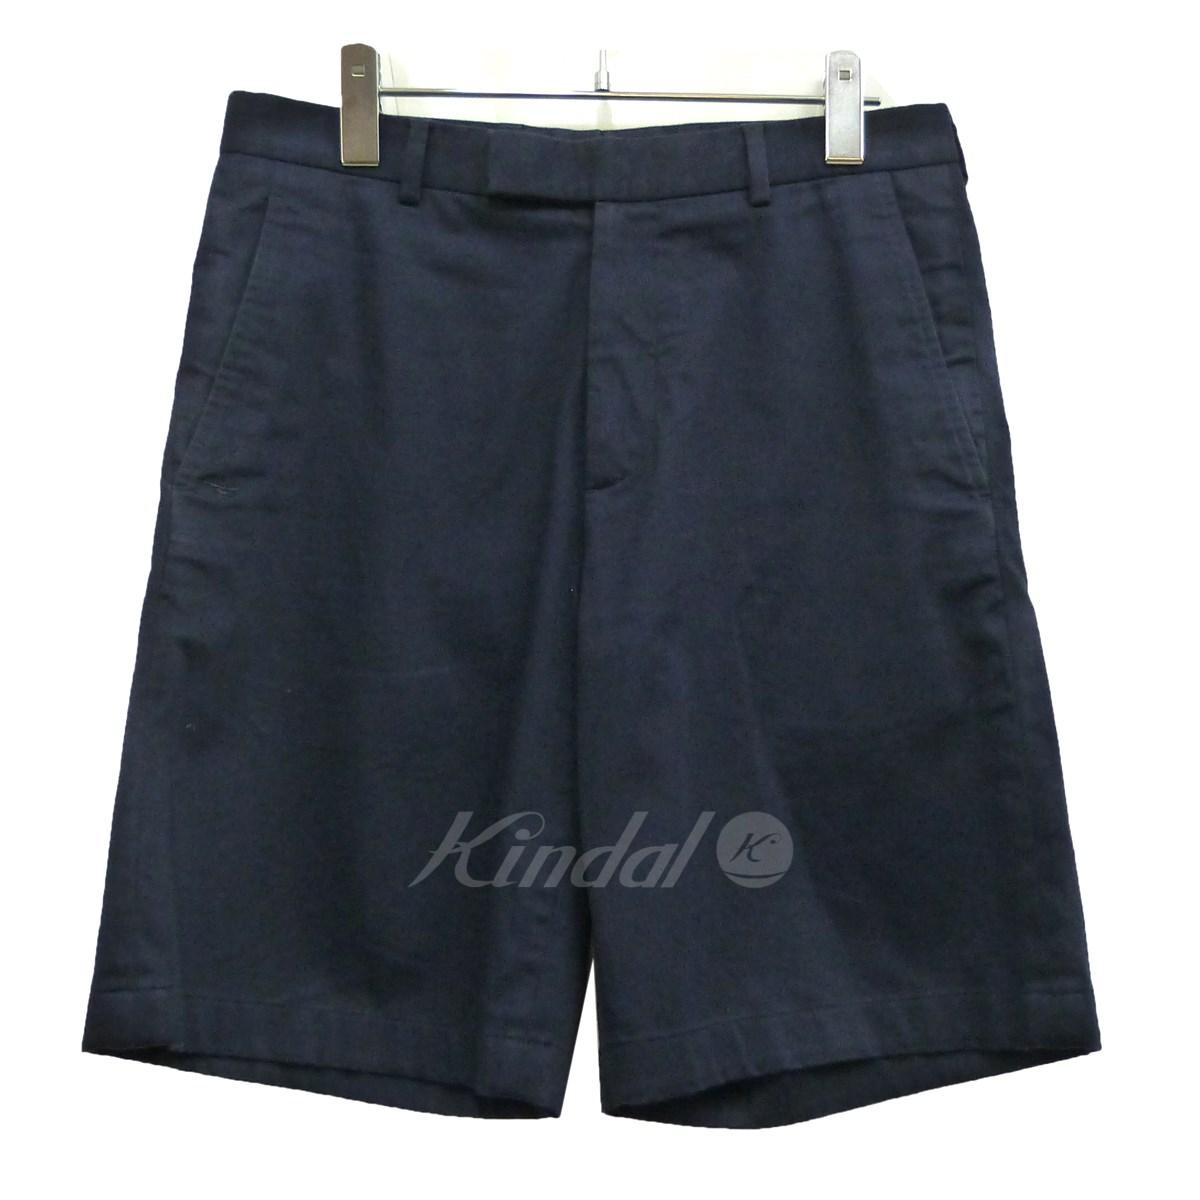 【中古】Dior Homme ショートパンツ ネイビー サイズ:44 【送料無料】 【080419】(ディオールオム)